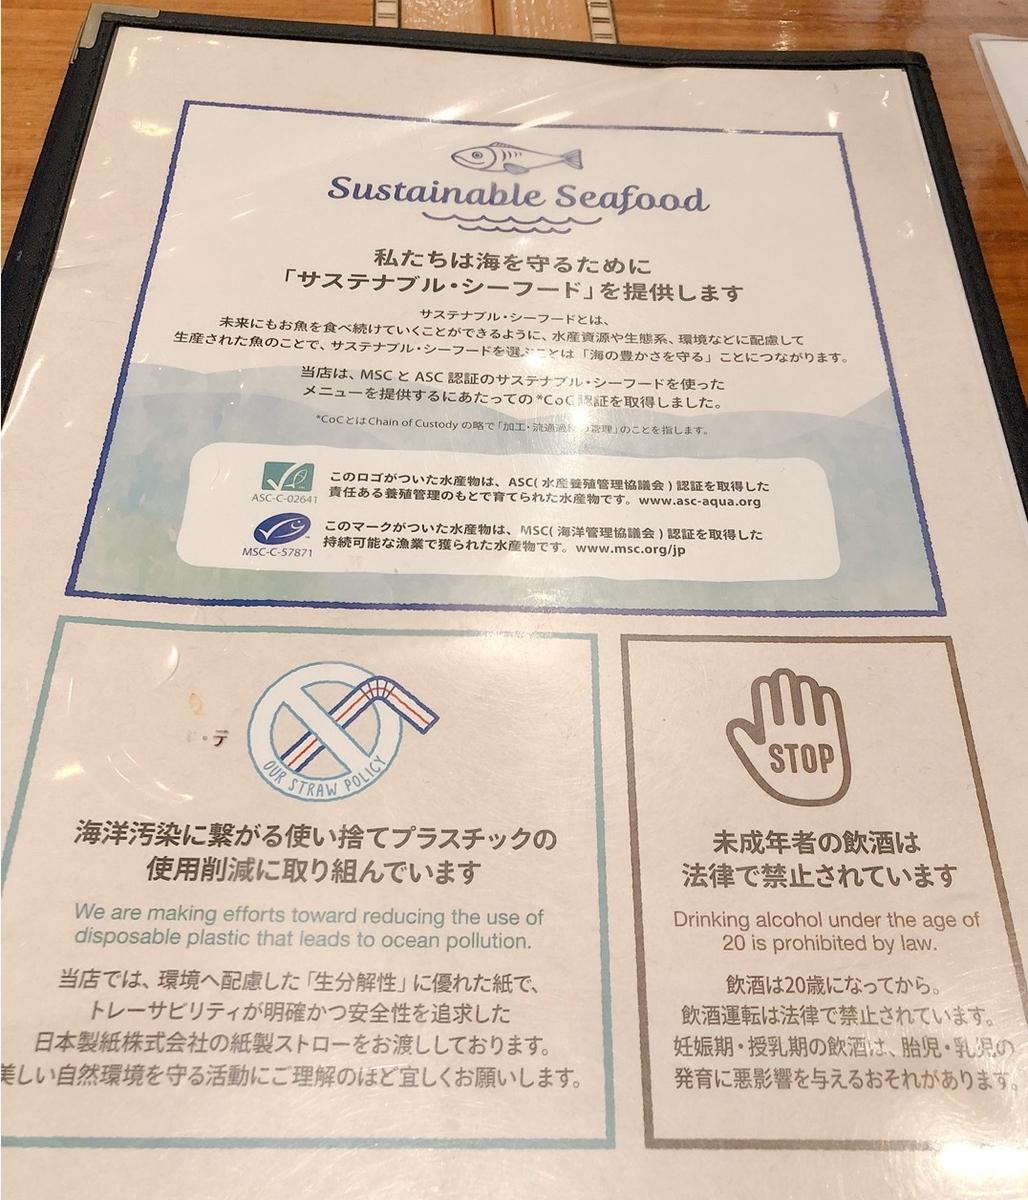 f:id:naomi_japan:20210531061711j:plain